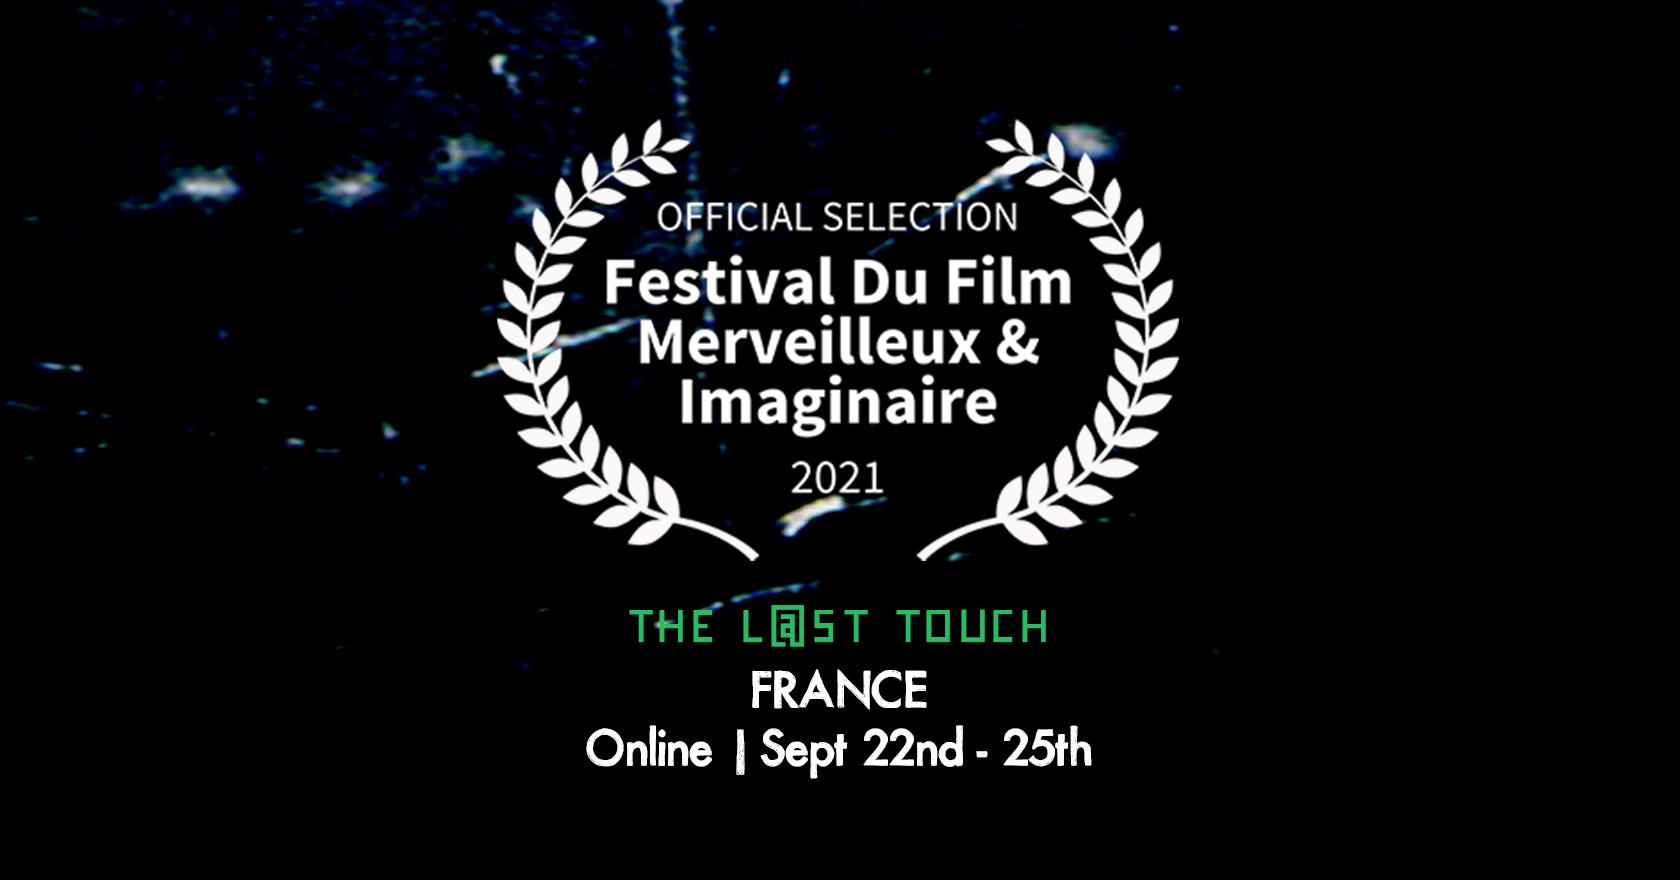 Festival du Film Merveilleux & Imaginaire 2021 | September 22-25